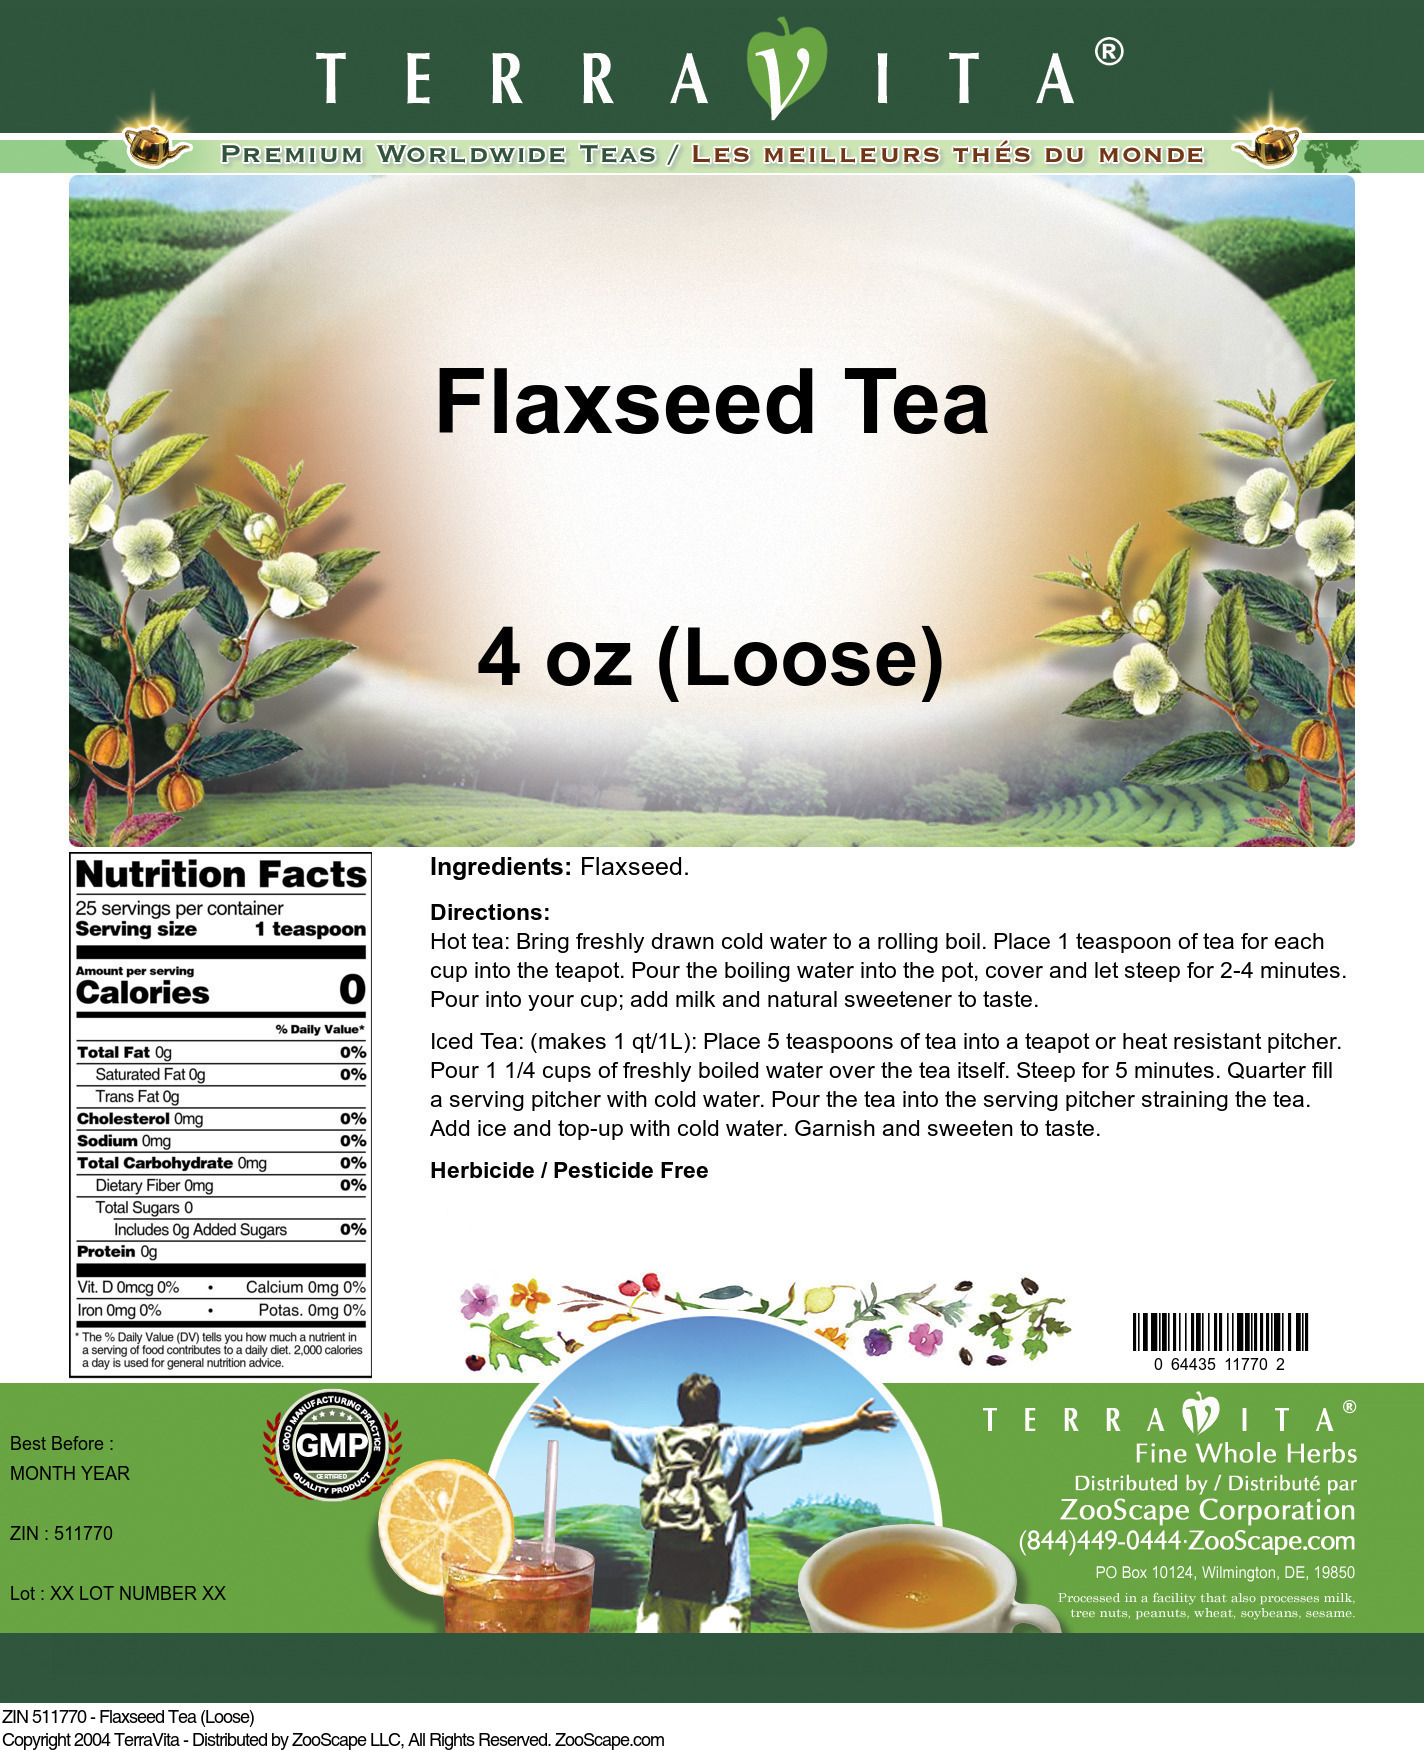 Flaxseed Tea (Loose)